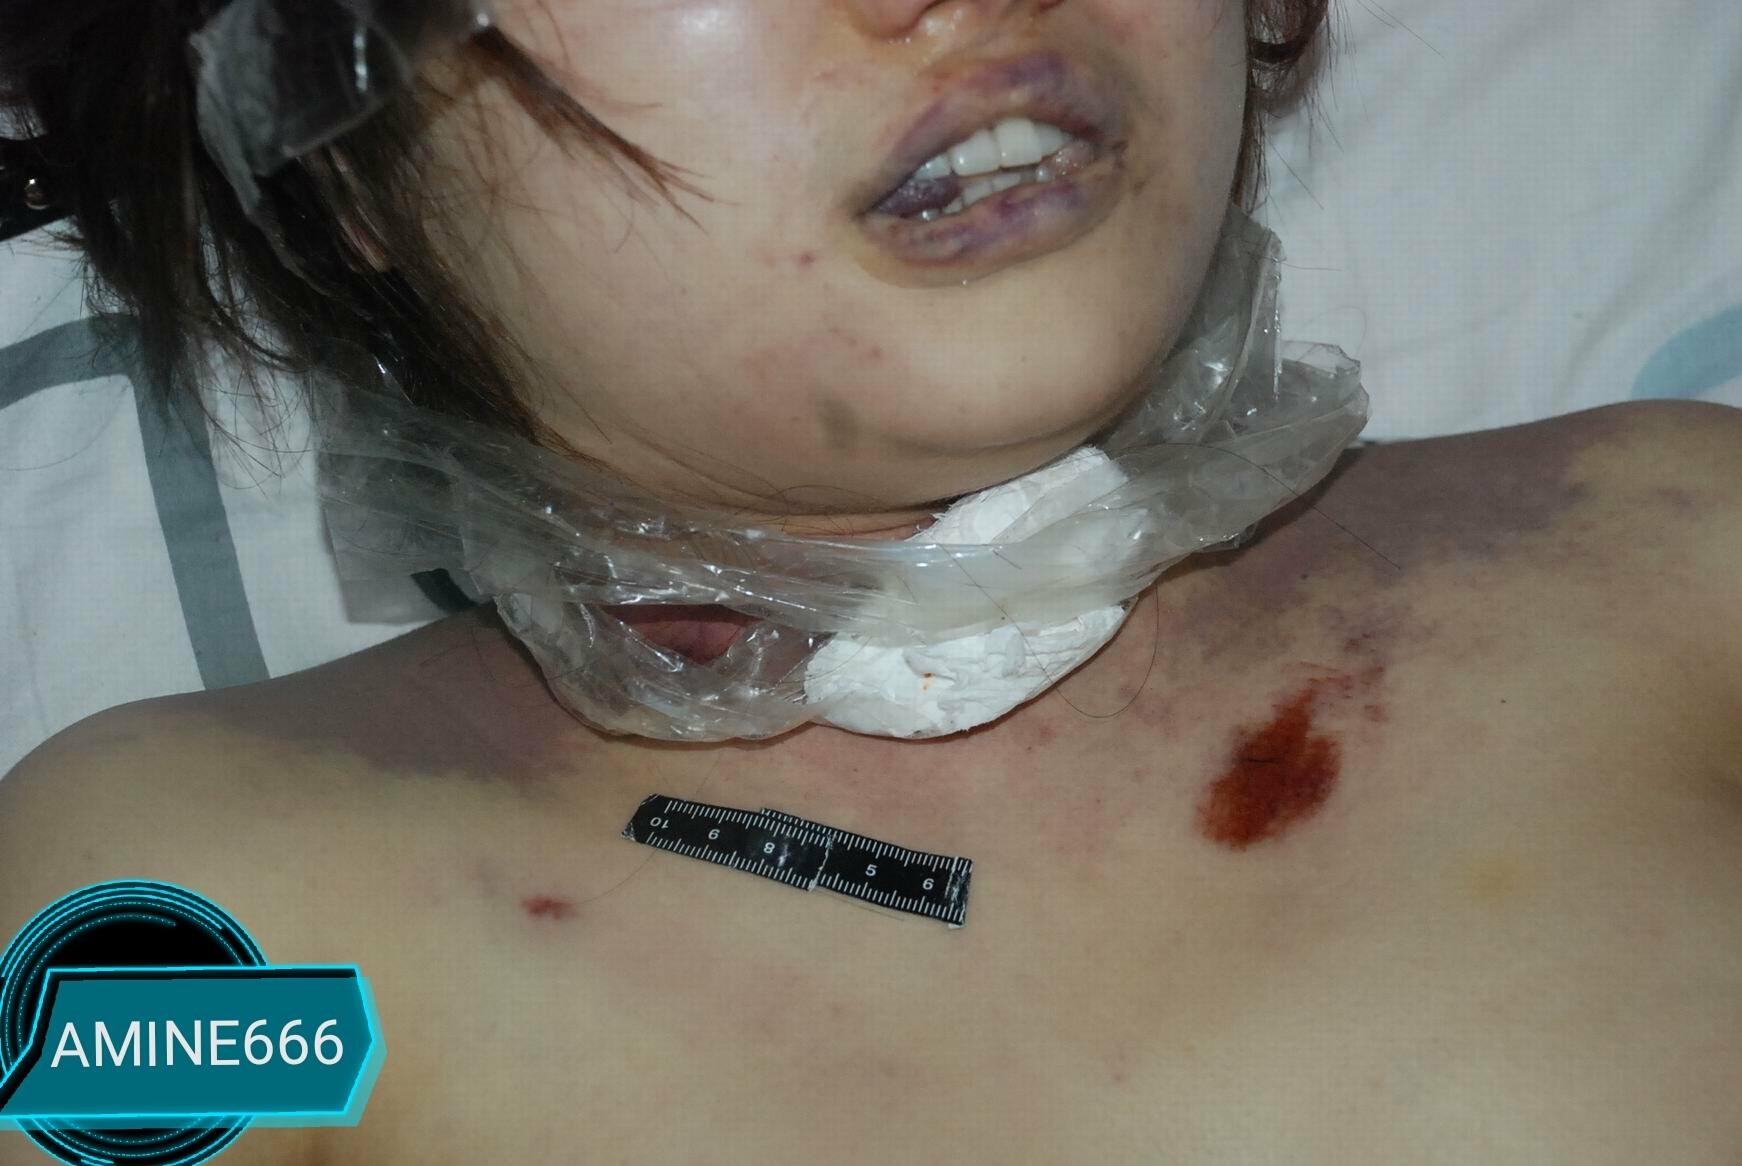 【レイプ殺人】中国でレイプされ絞殺された女性、なんで画像が出回るんだ・・・・・(画像)・12枚目